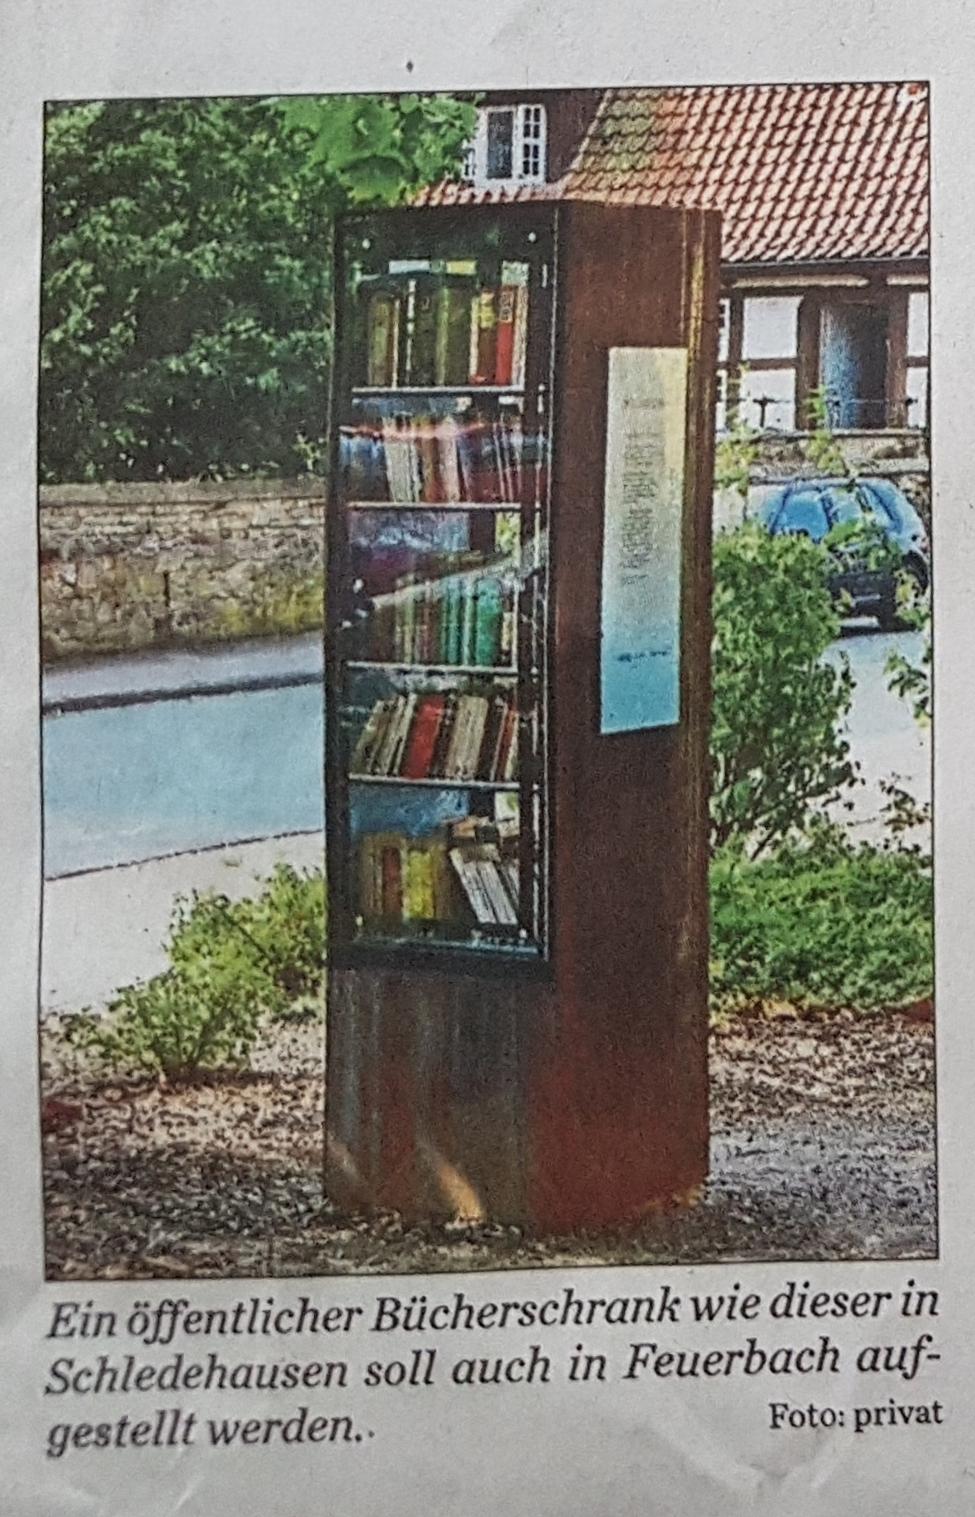 Ein Bücherschrank im öffentlichen Raum für Feuerbach